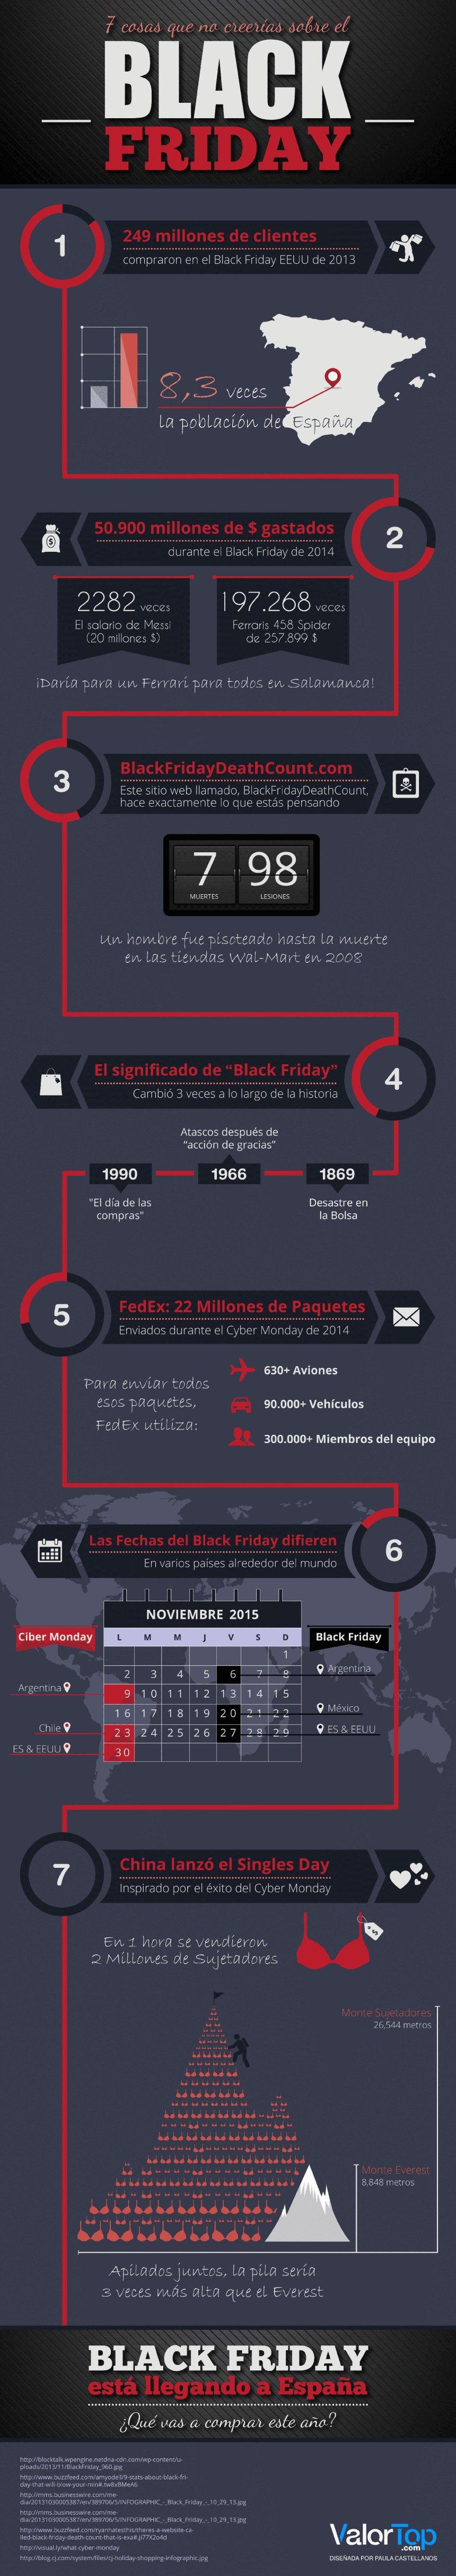 7 cosas sobre el Black Friday que no te podrías imaginar